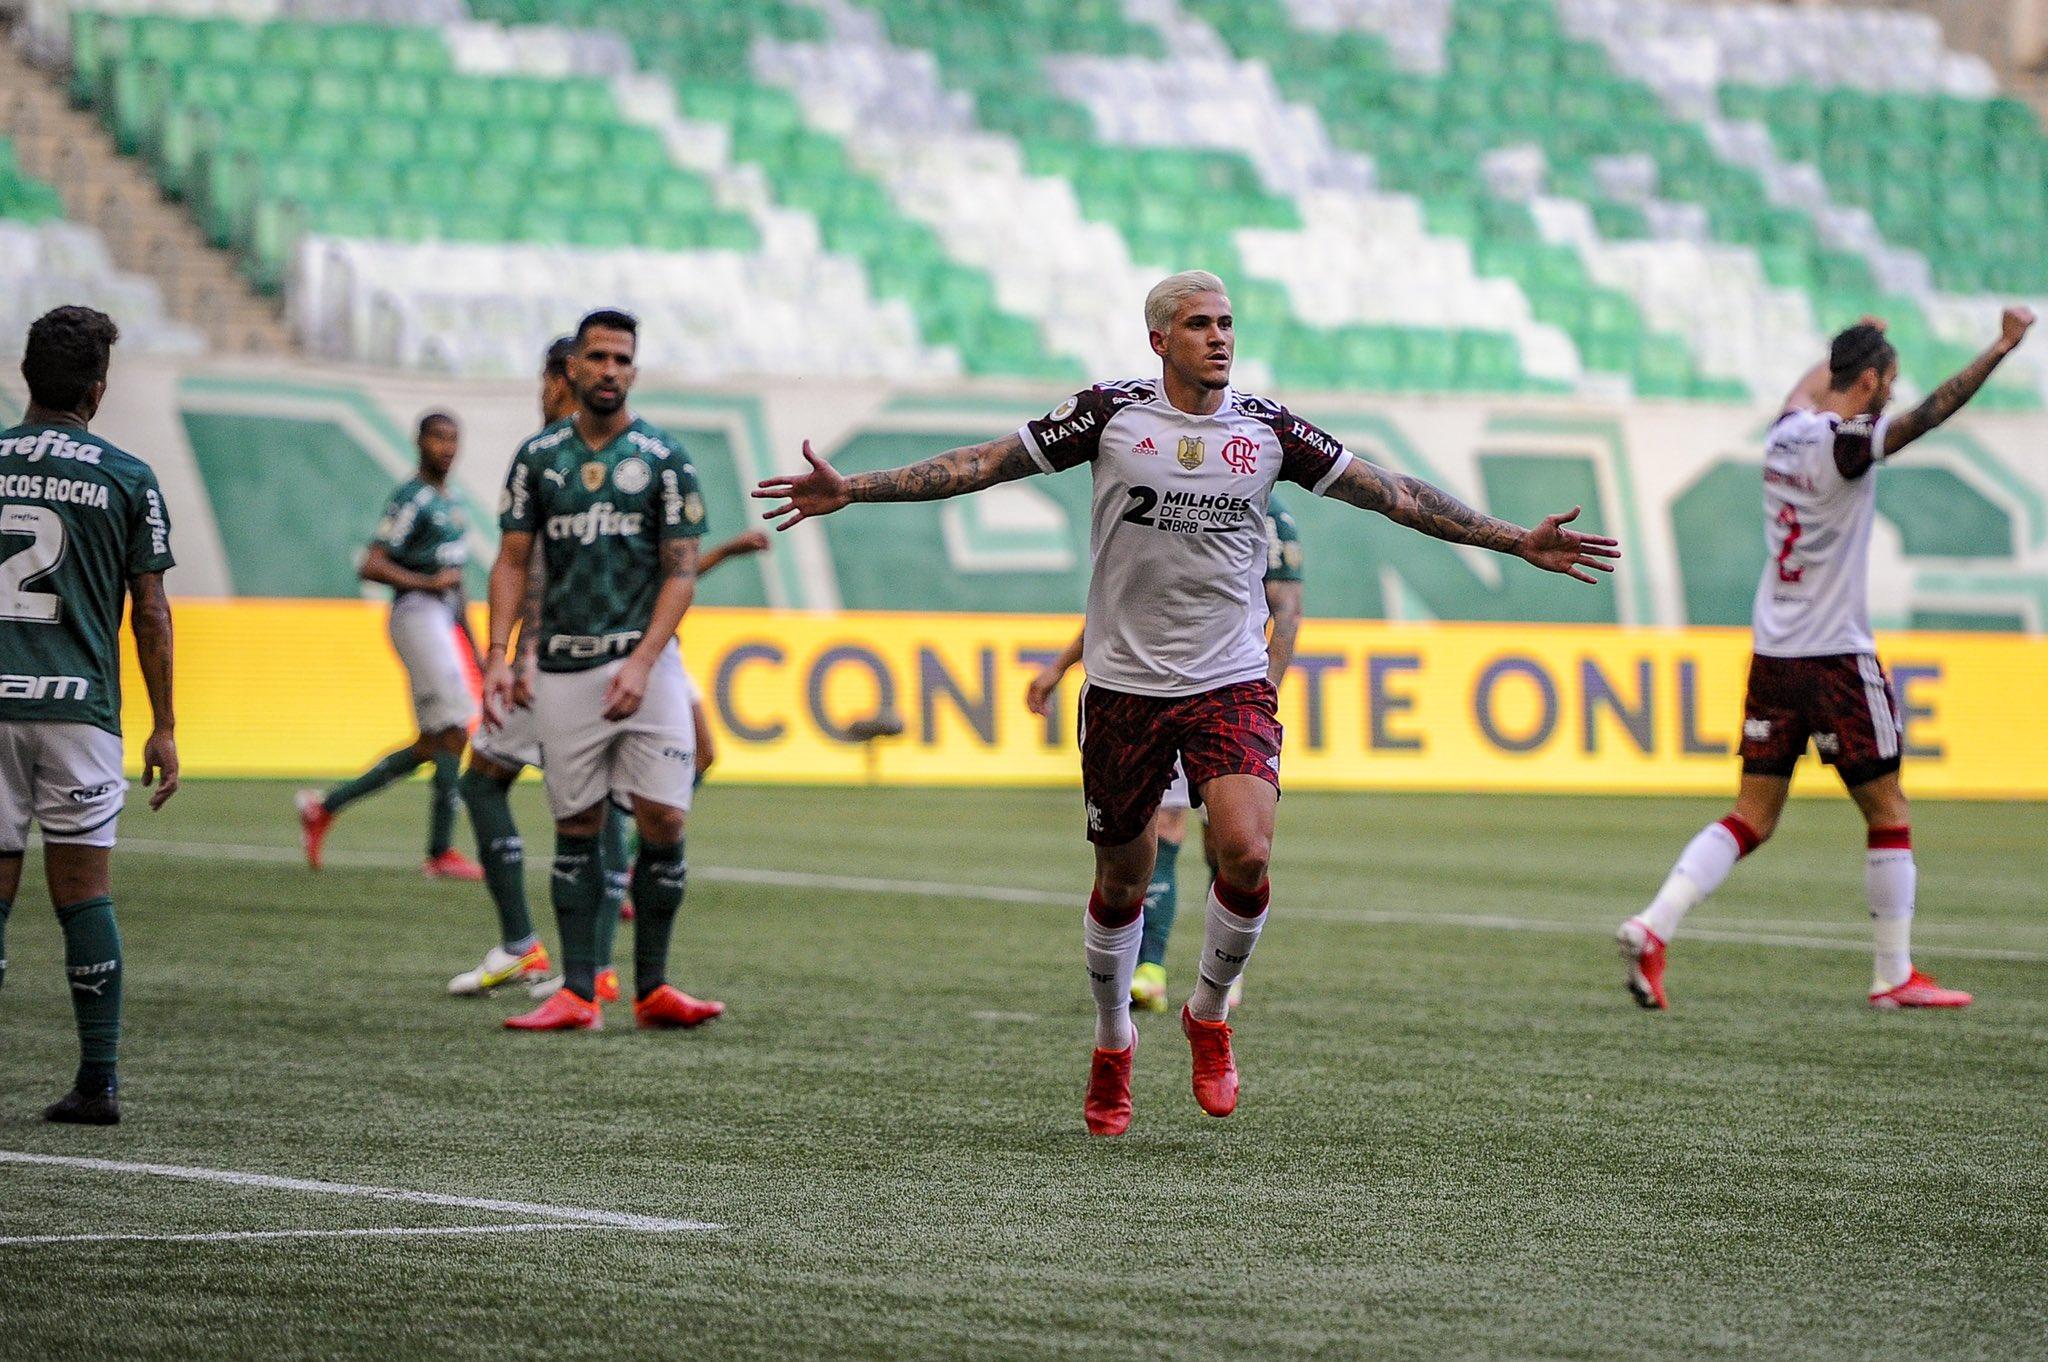 Pedro volta a marcar contra Palmeiras e vibra com fim do jejum no Flamengo